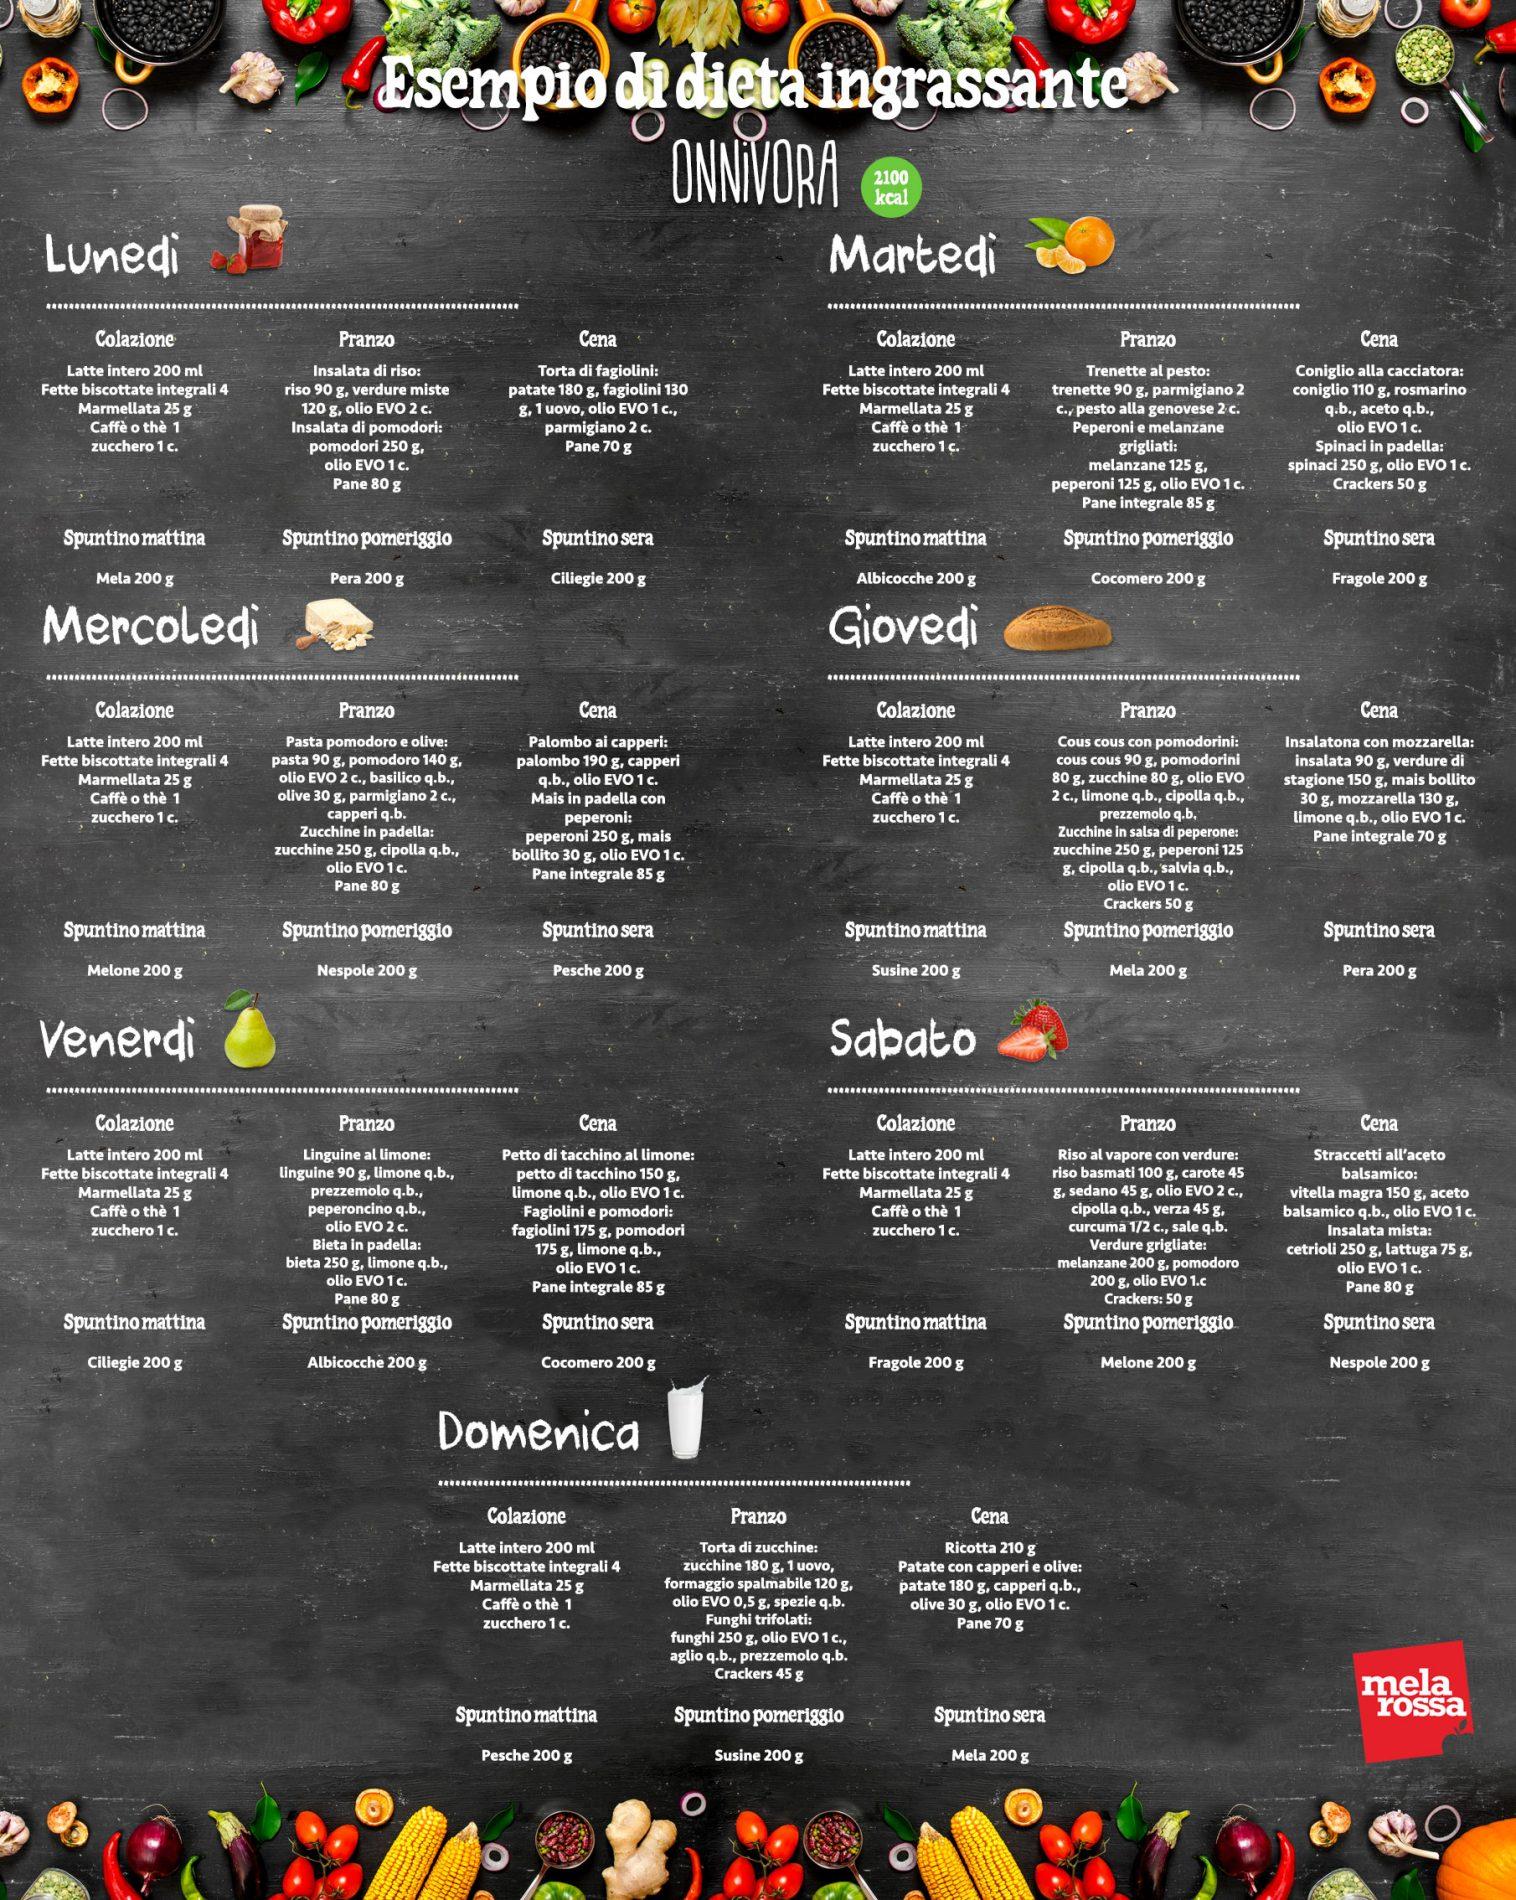 dieta per ingrassare: esempi di menu